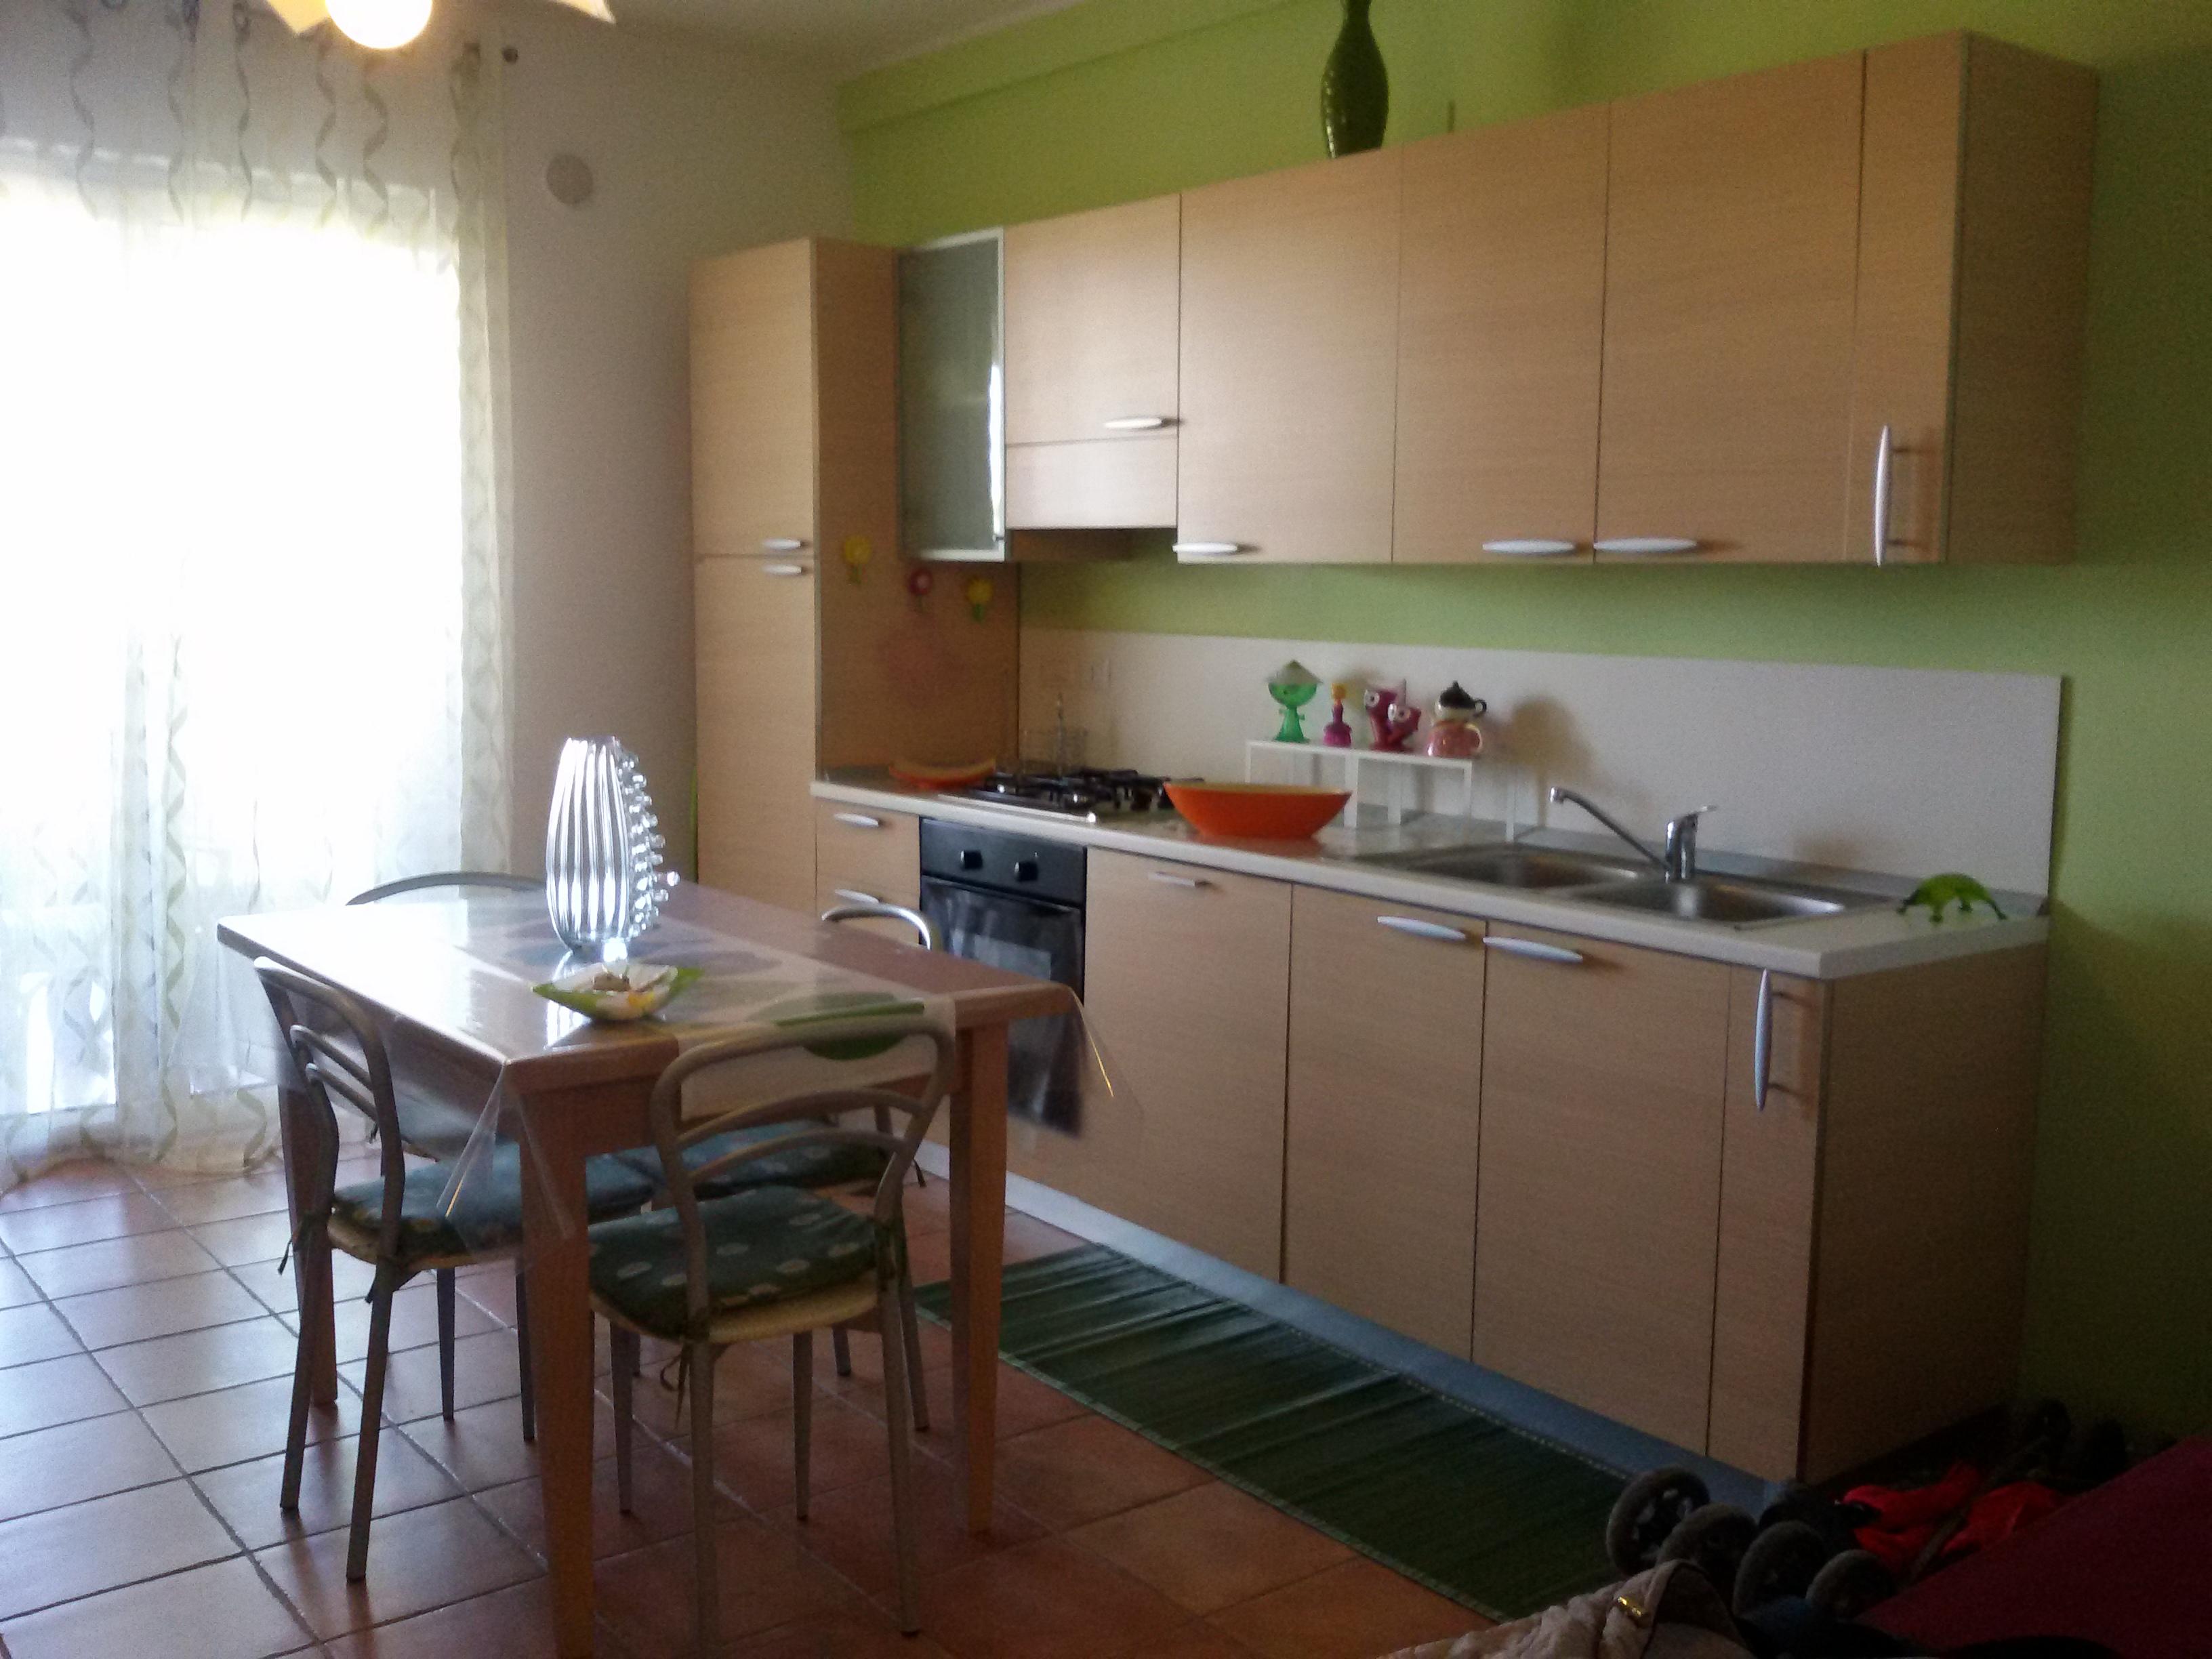 Vendita appartamento Matera